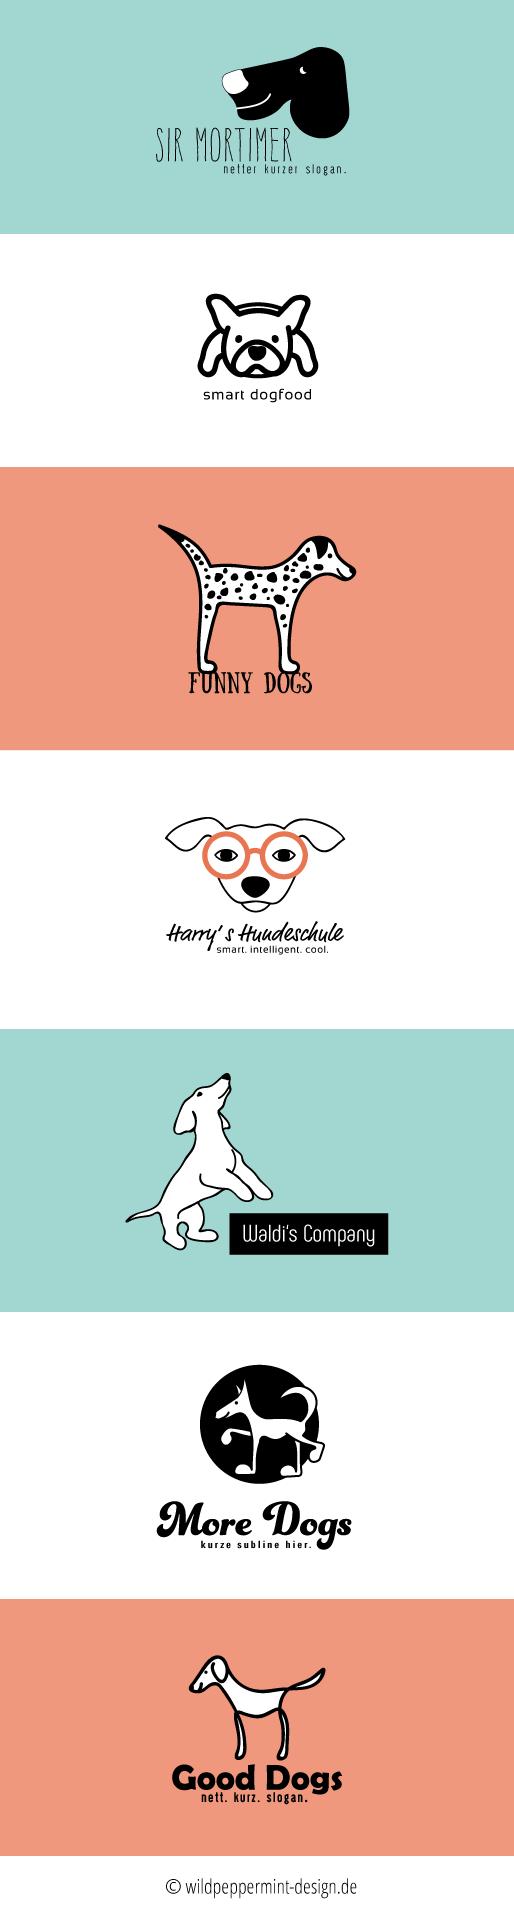 Logo mit Hund, Logoentwürfe mit Hund, freie Logos Hund | © wildpeppermint-design.de